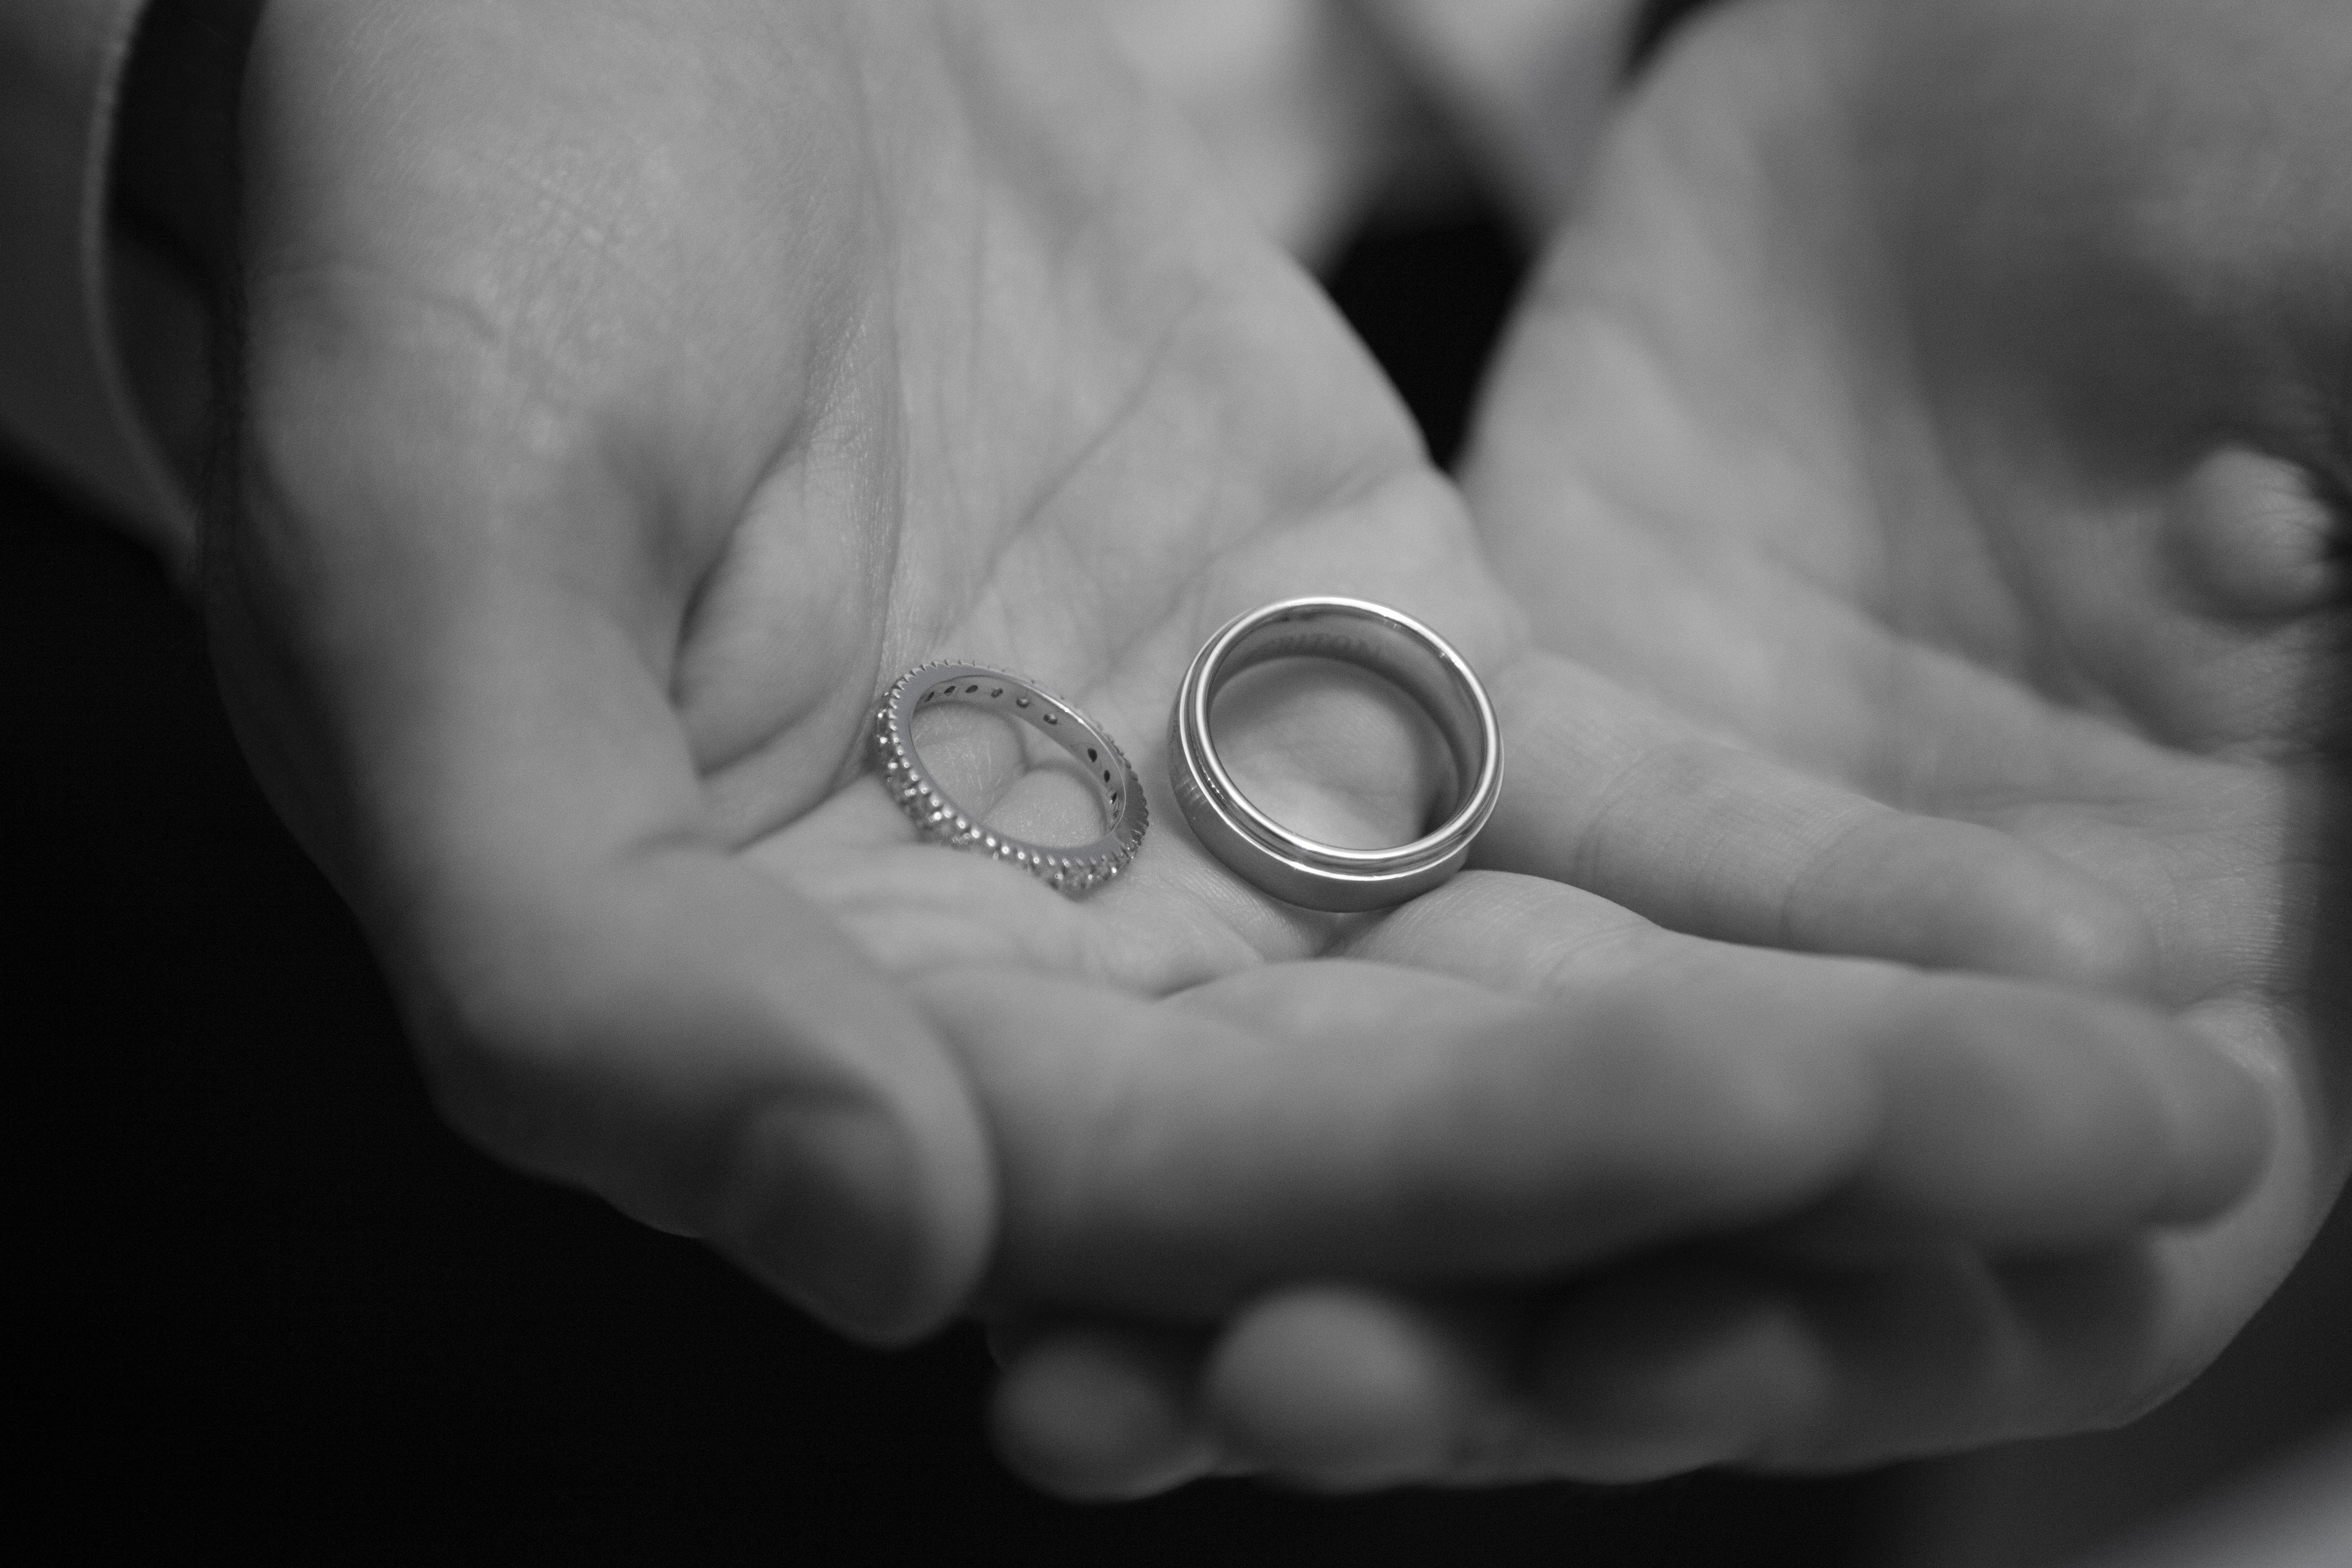 Kostenloses Foto Zum Thema Hochzeit Bands Ringe Schwarz Und Weiss